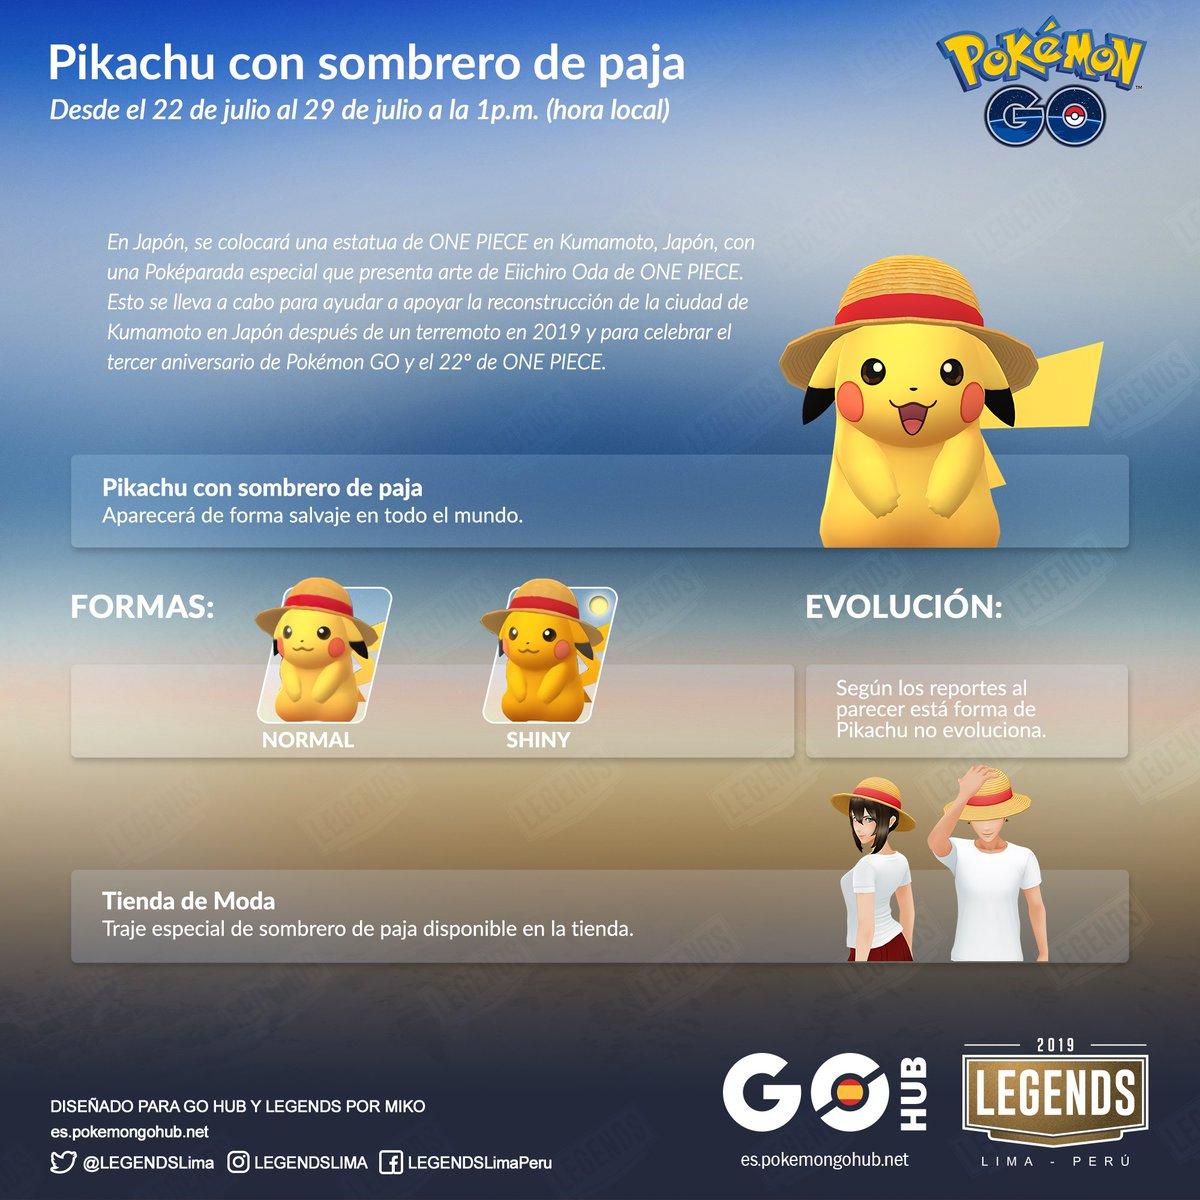 e9278319 ... 1 p.m. (hora local), Pikachu aparecerá con con un sombrero de paja de  forma salvaje en todo el mundo. Aquí te dejamos la infografía con toda la  ...